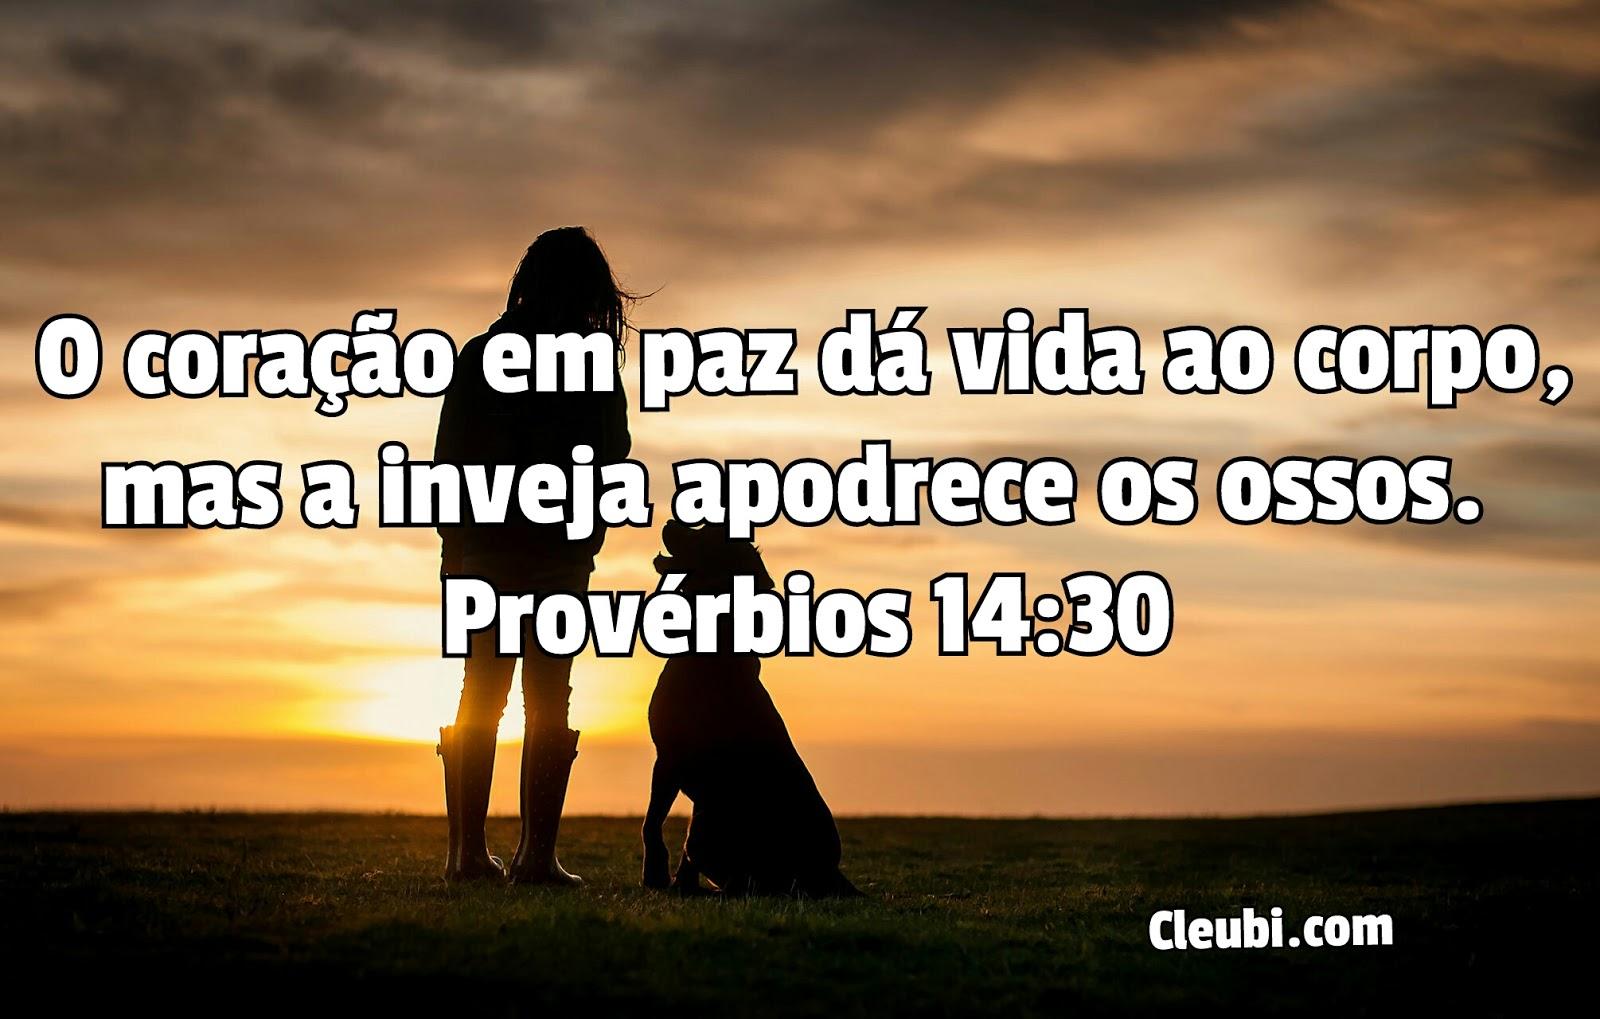 Famosos Versículo Bíblico : Provérbios 14:30 | VERSÍCULO BÍBLICO GK96